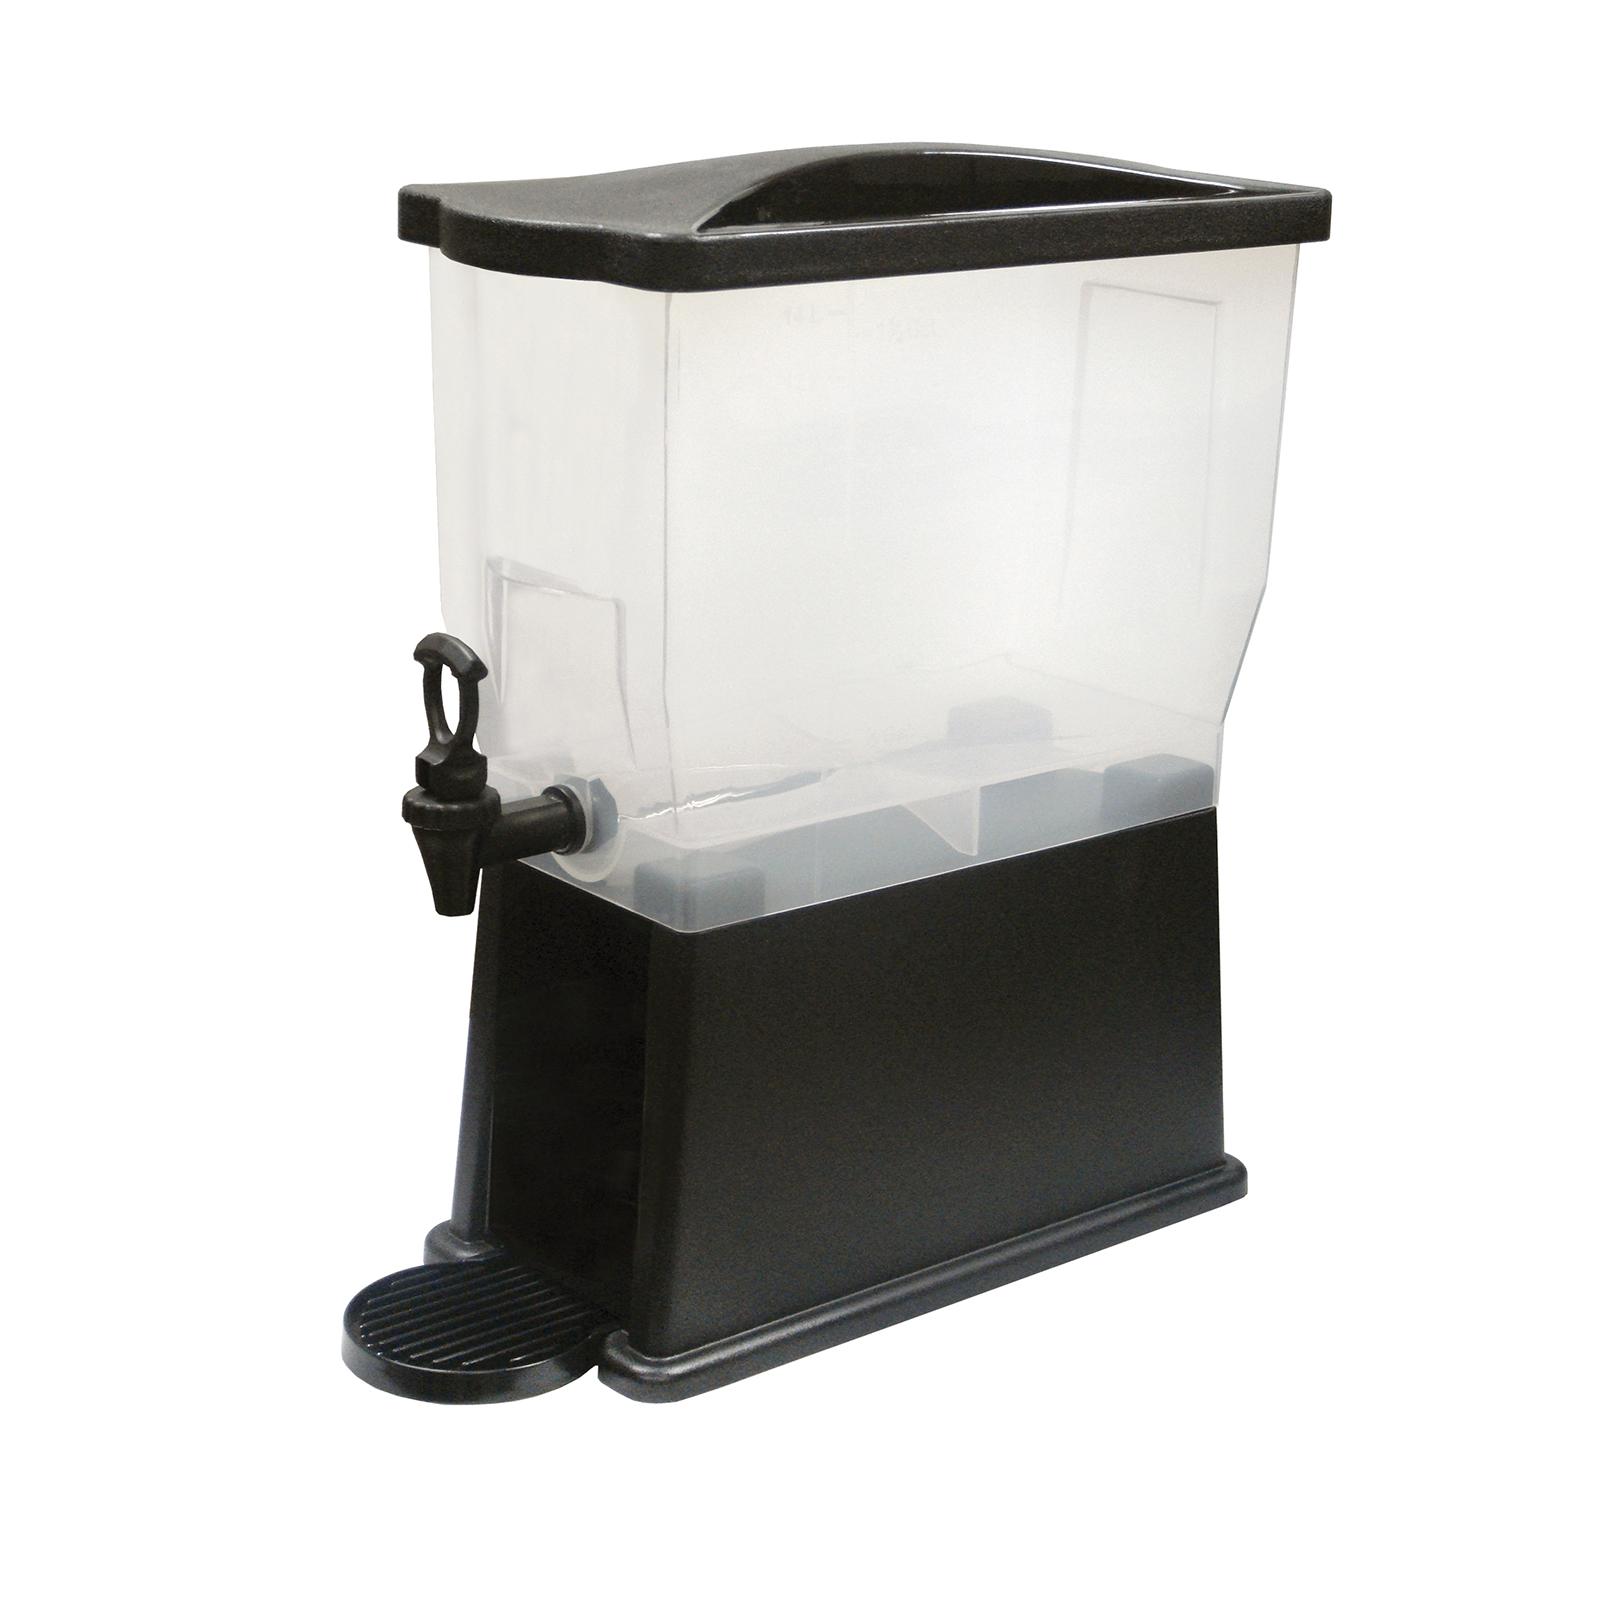 2550-28 Winco PBD-3 beverage dispenser, non-insulated